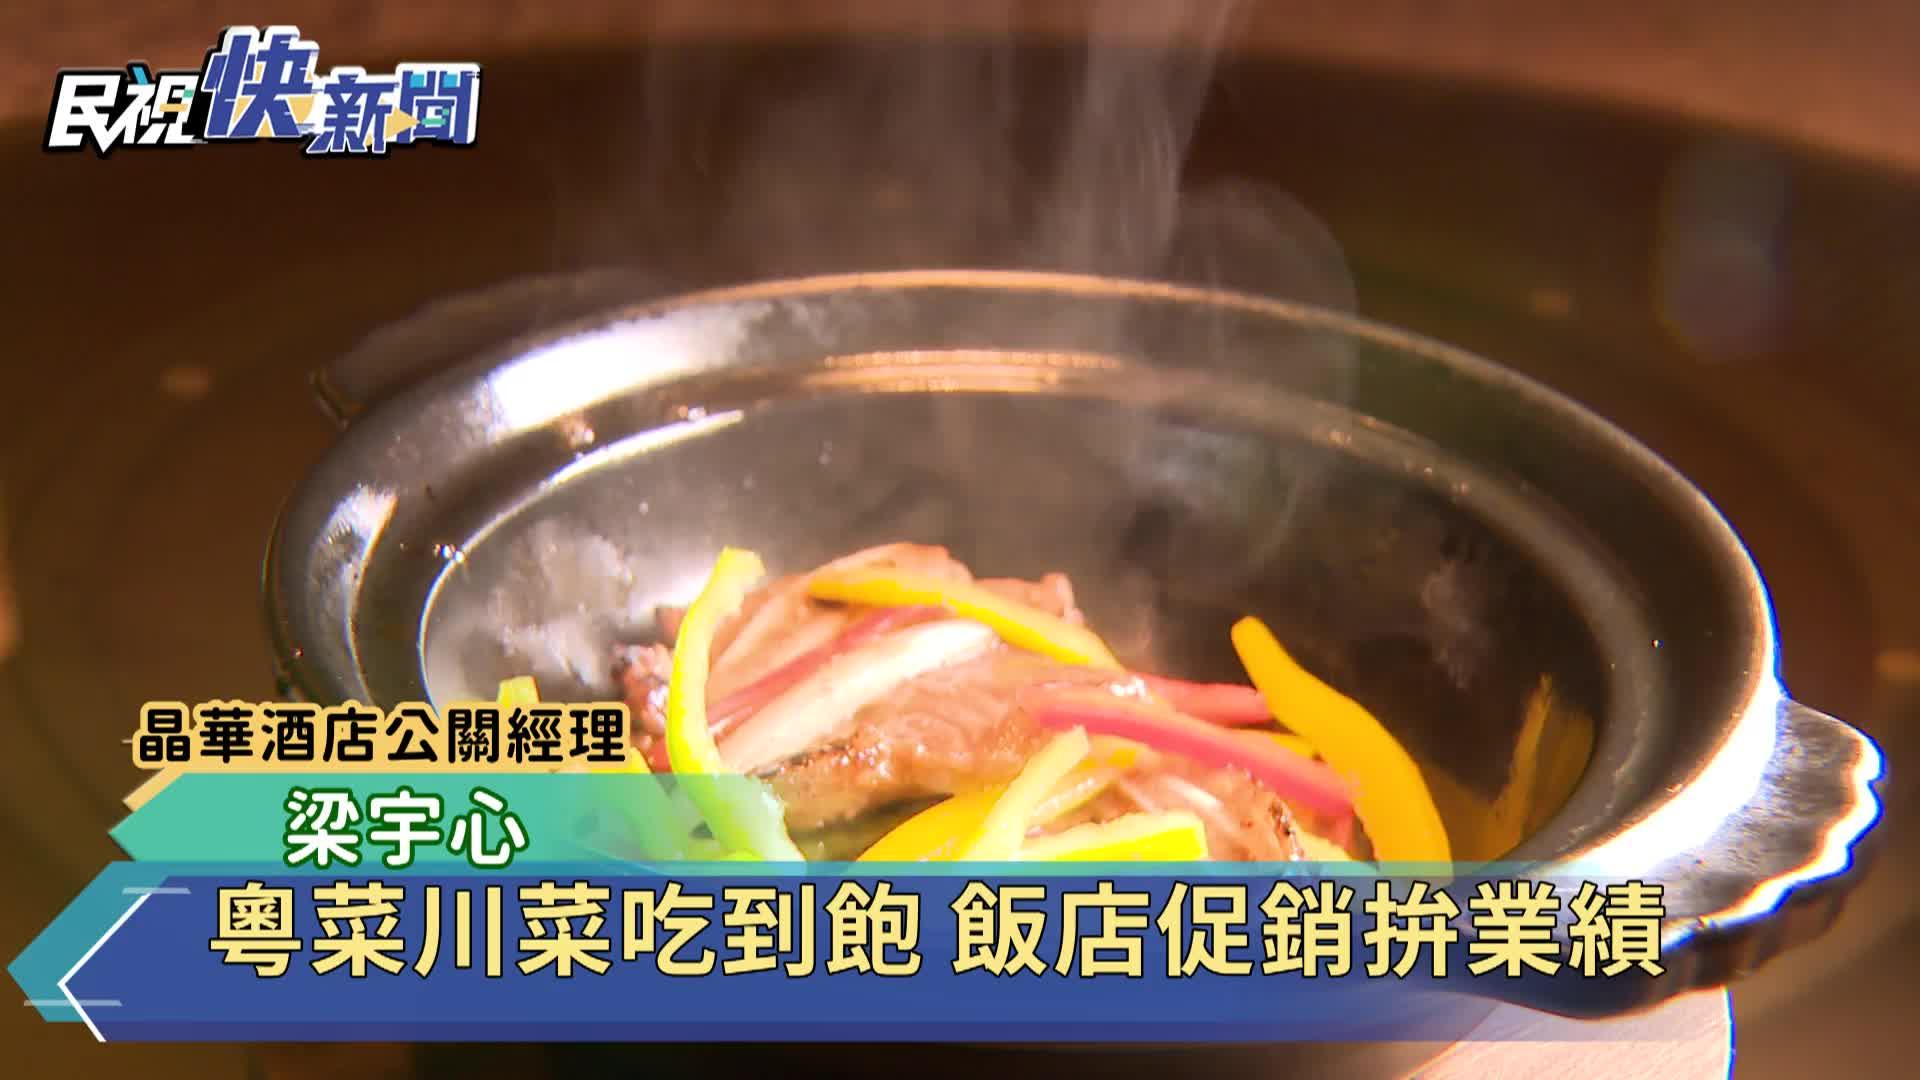 粵菜川菜吃到飽 飯店促銷拚業績